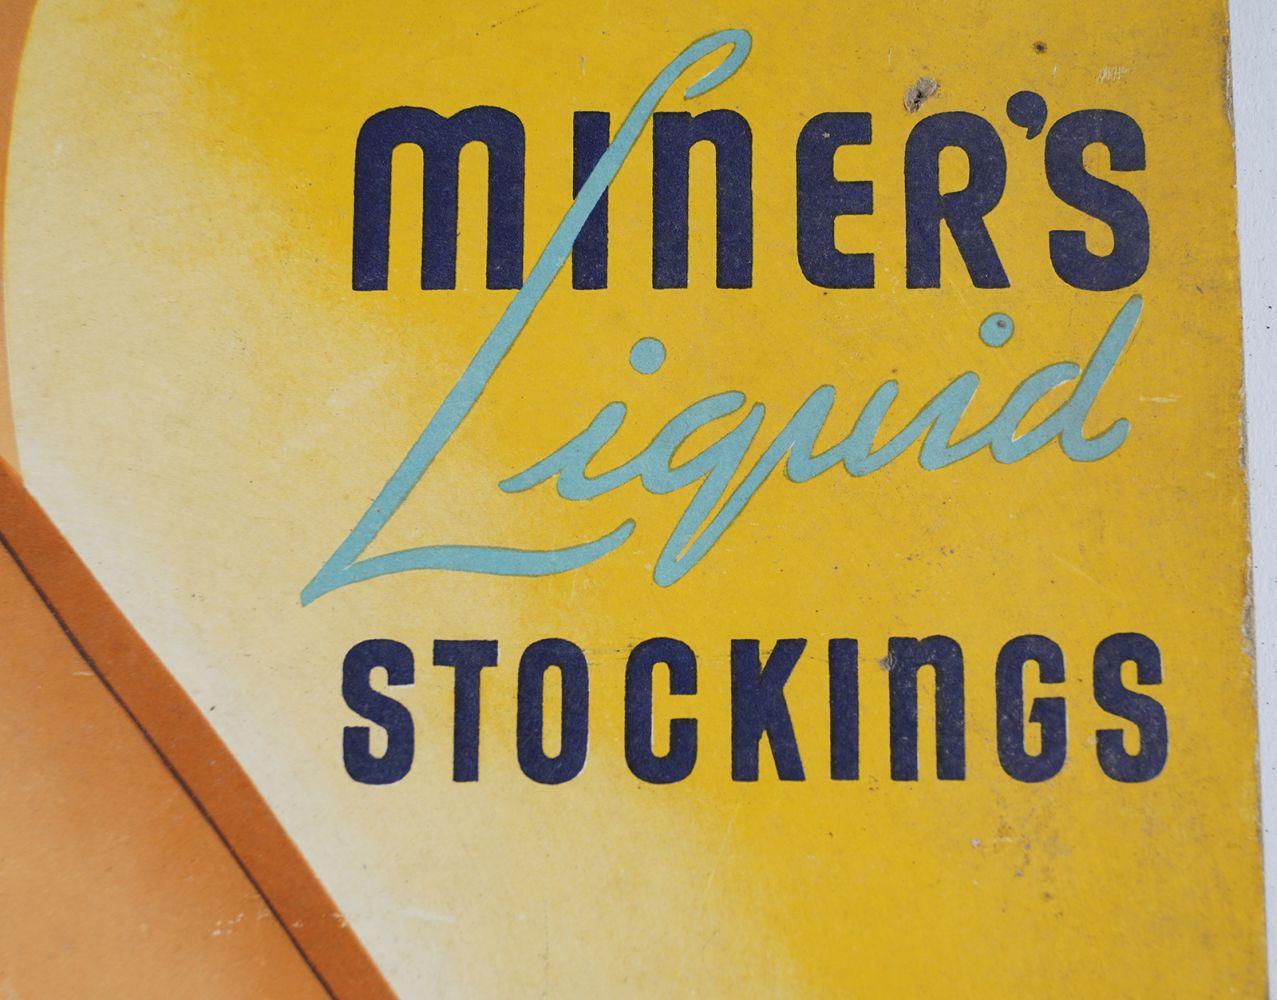 MINER'S LIQUID STOCKINGS ORIGINAL POSTER - Image 3 of 4